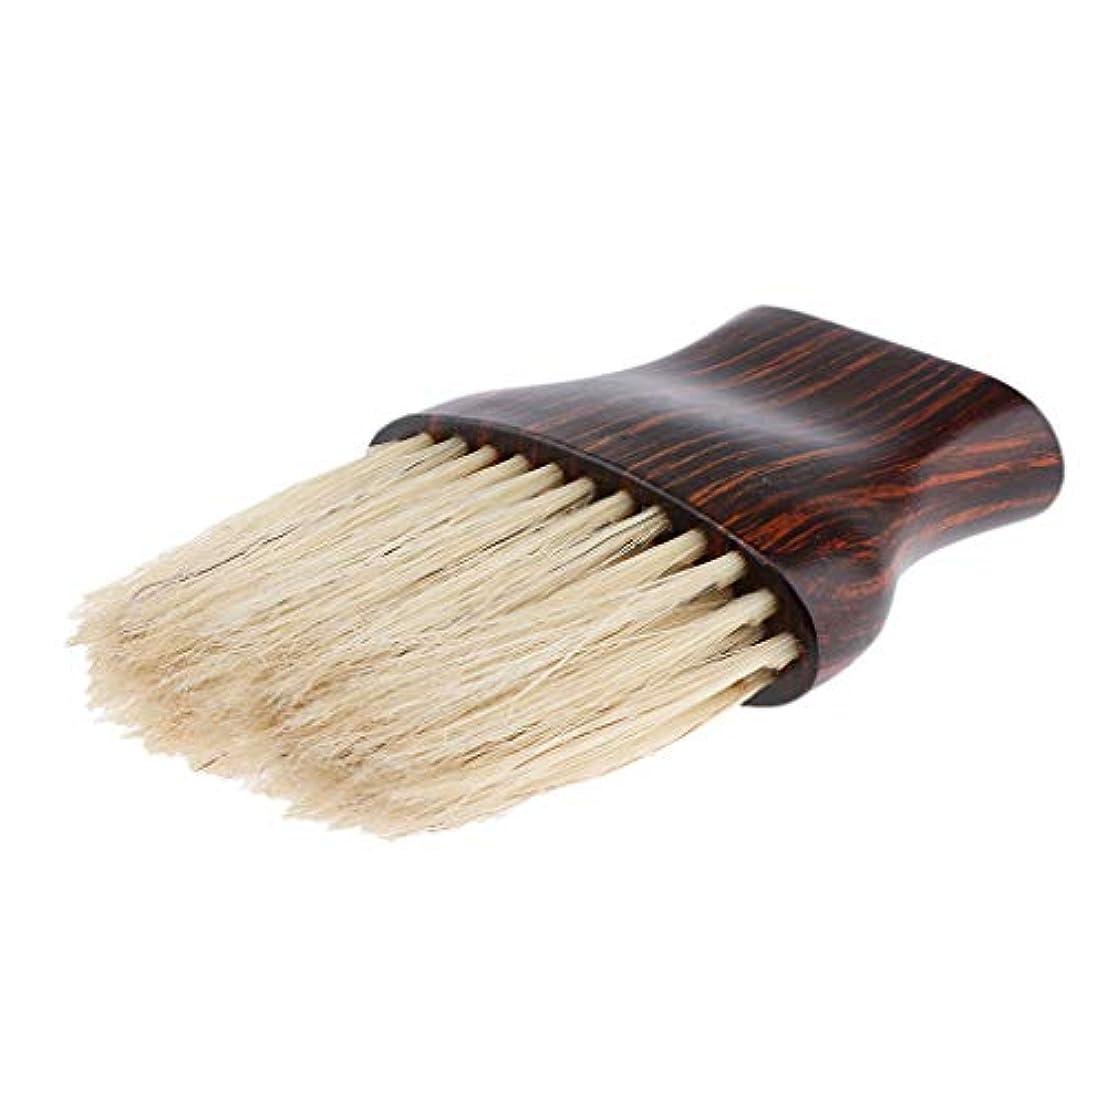 否定する仮称チューリップB Baosity ネックダスターブラシ 柔らかい繊維 ヘアブラシ 木製ハンドル 快適